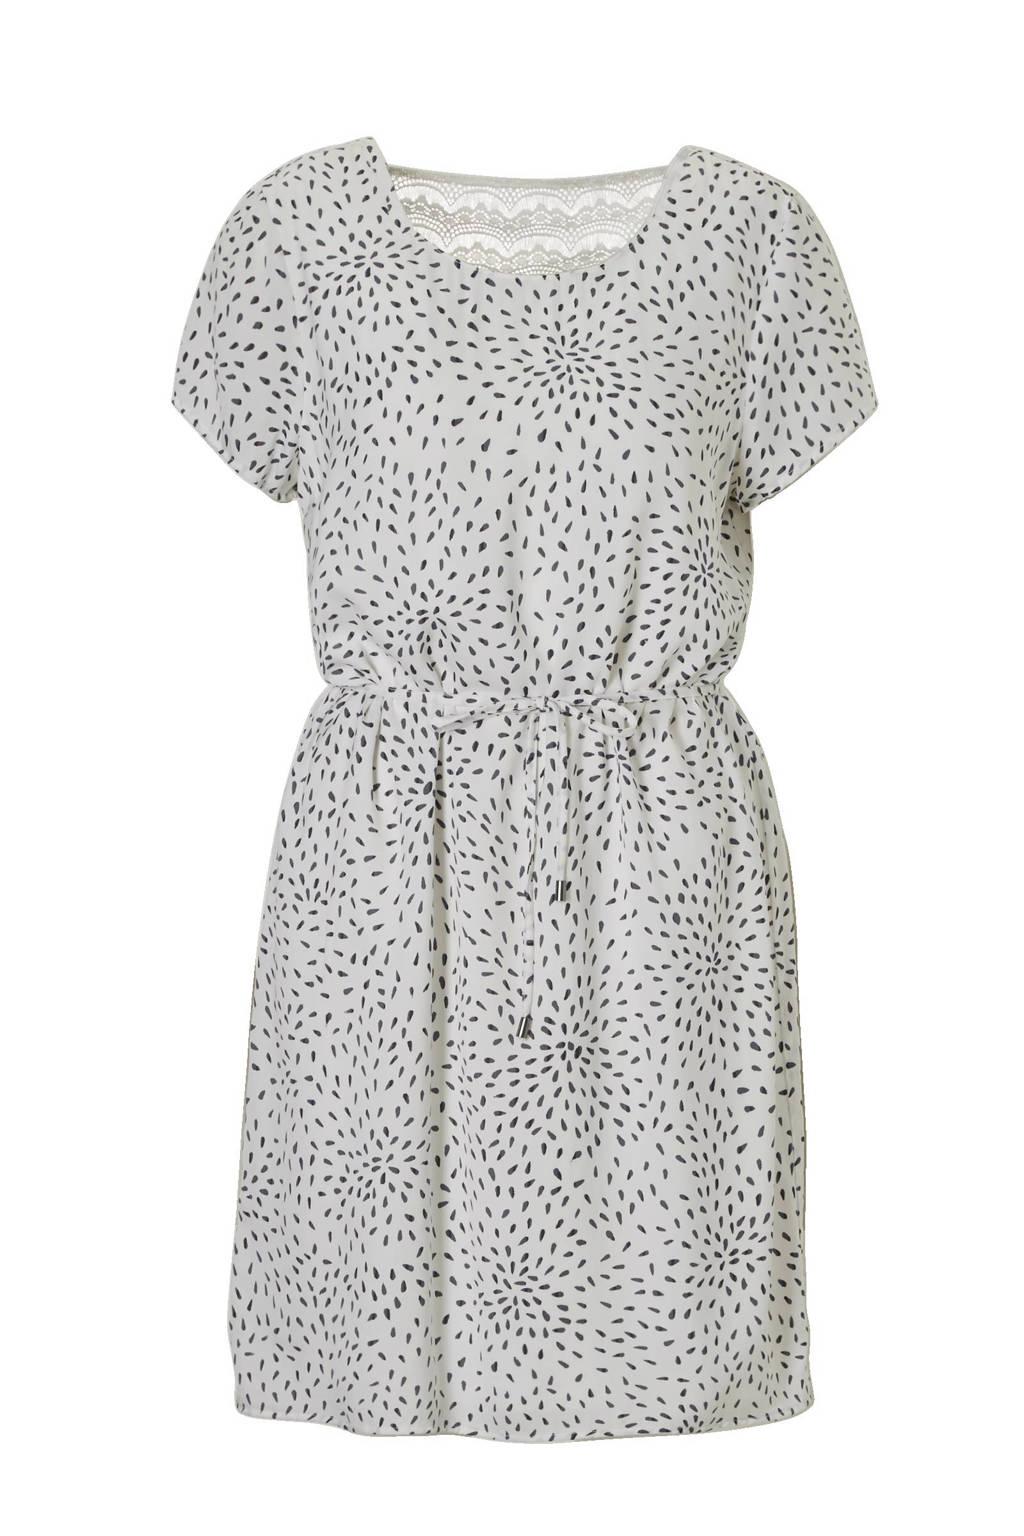 VILA jurk met kant en all over print, Ecru/grijs